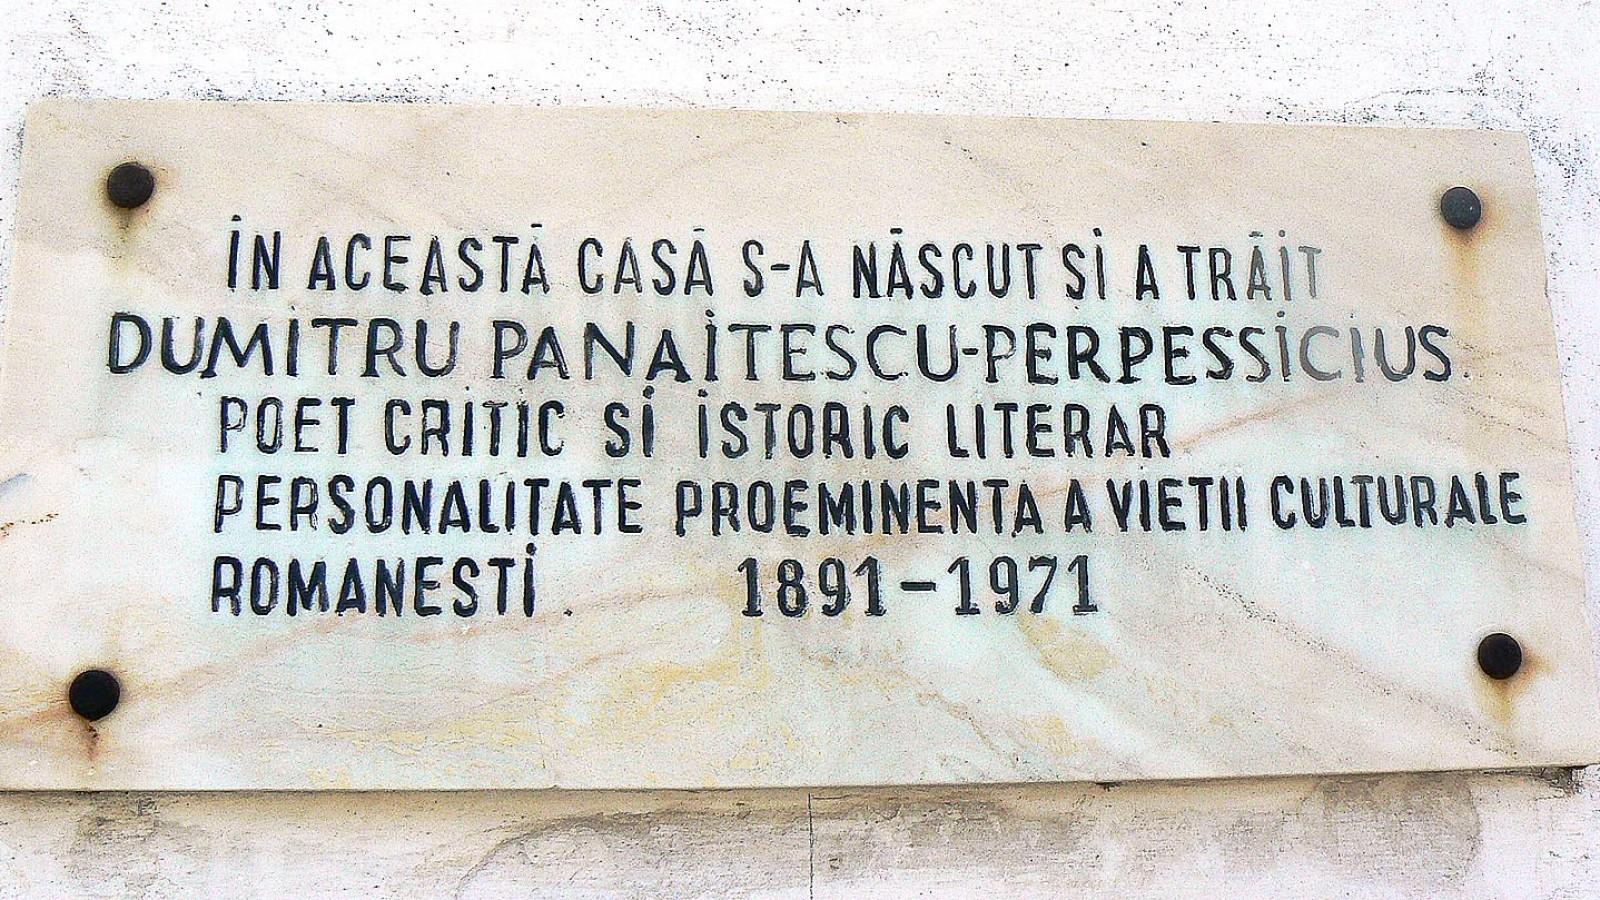 Casa Memoriala Dumitru Panaitescu Perpessicius